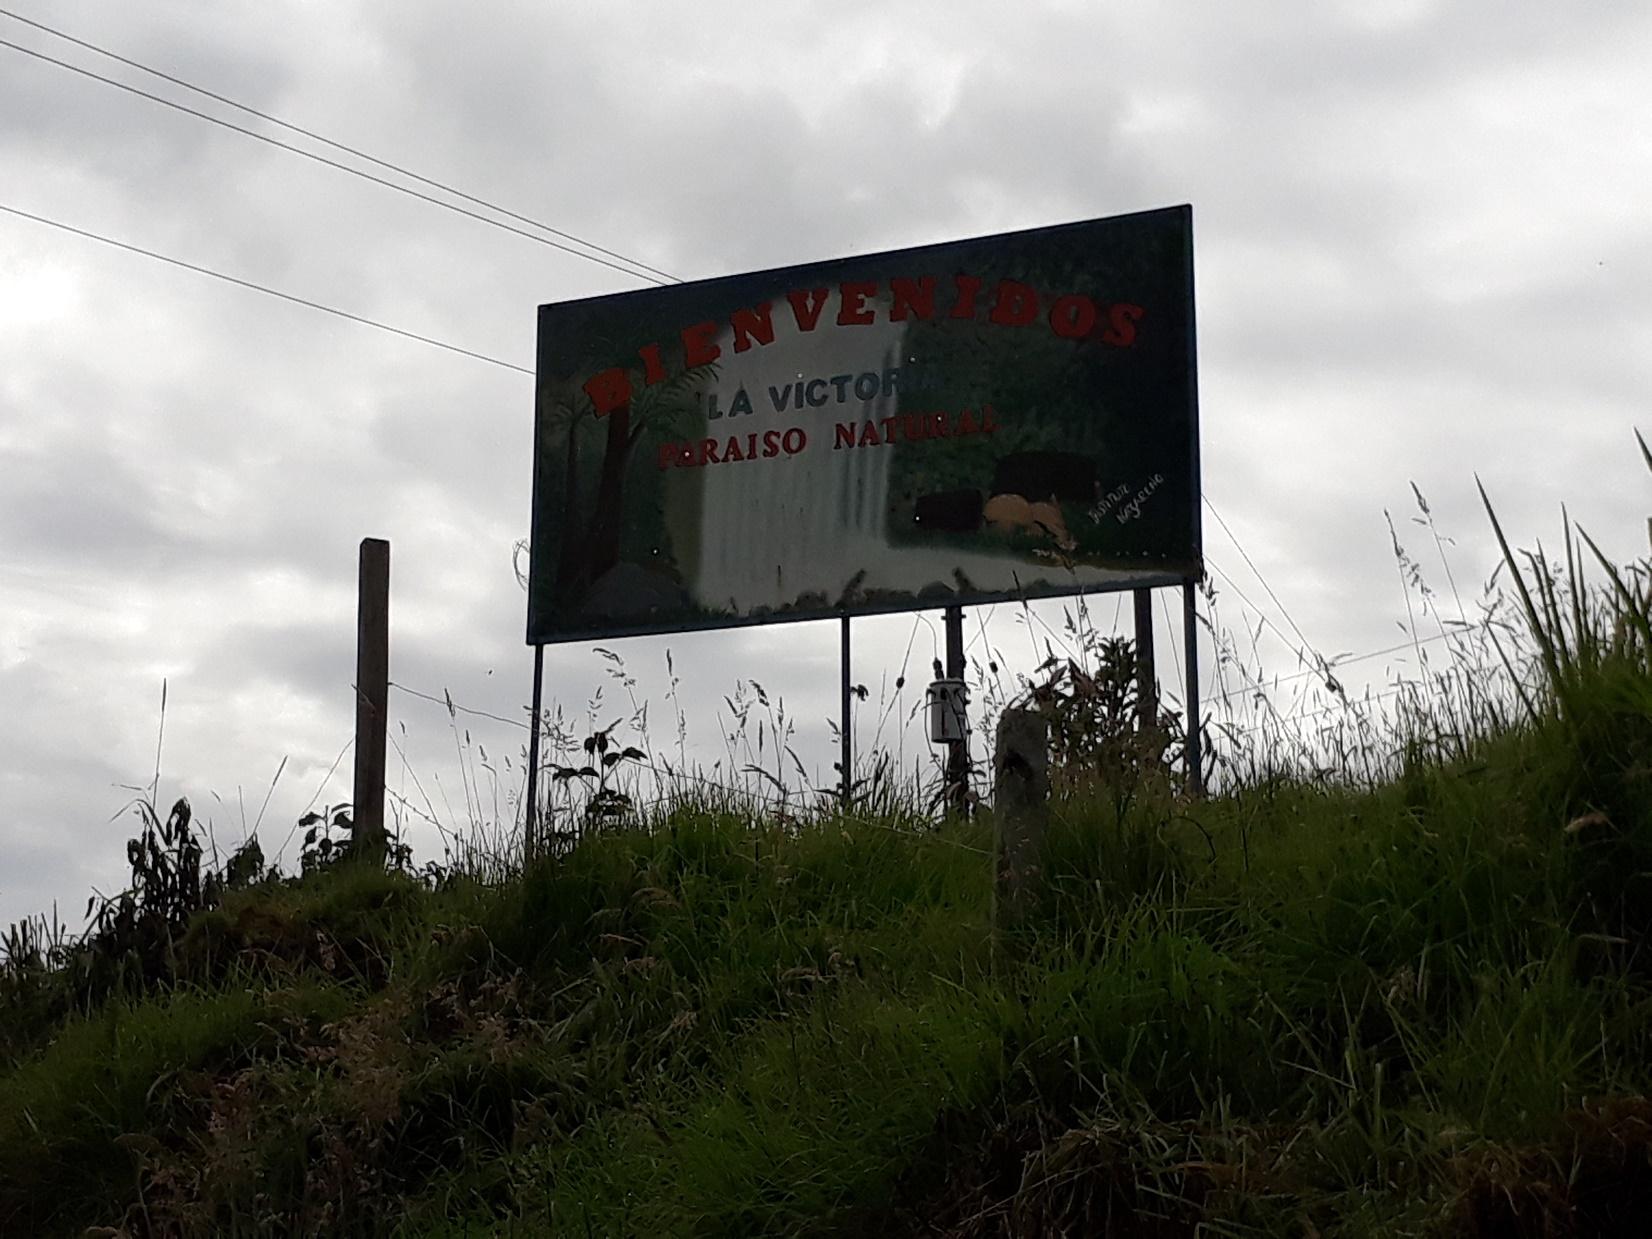 Corregimeinto La Victoria en el municipio de Ipiales. Foto: Ingrid García.